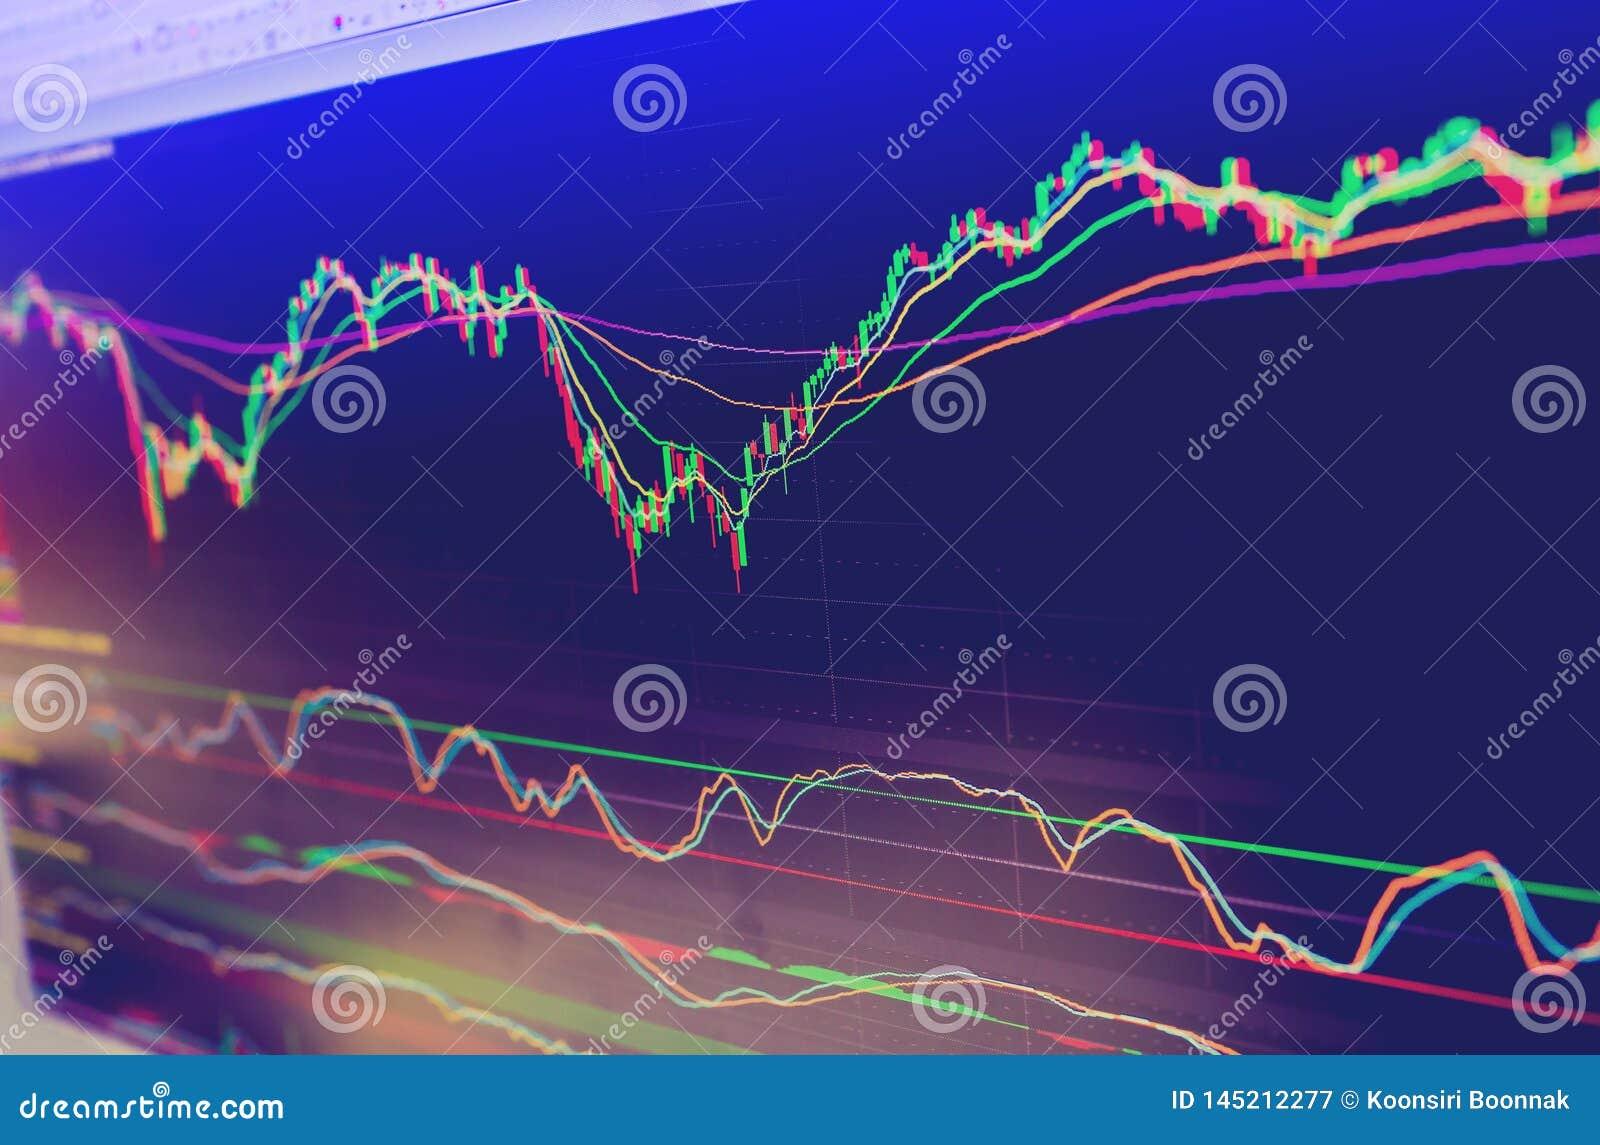 企业金融证券图表图选择聚焦有显示的各种各样的类型的结合